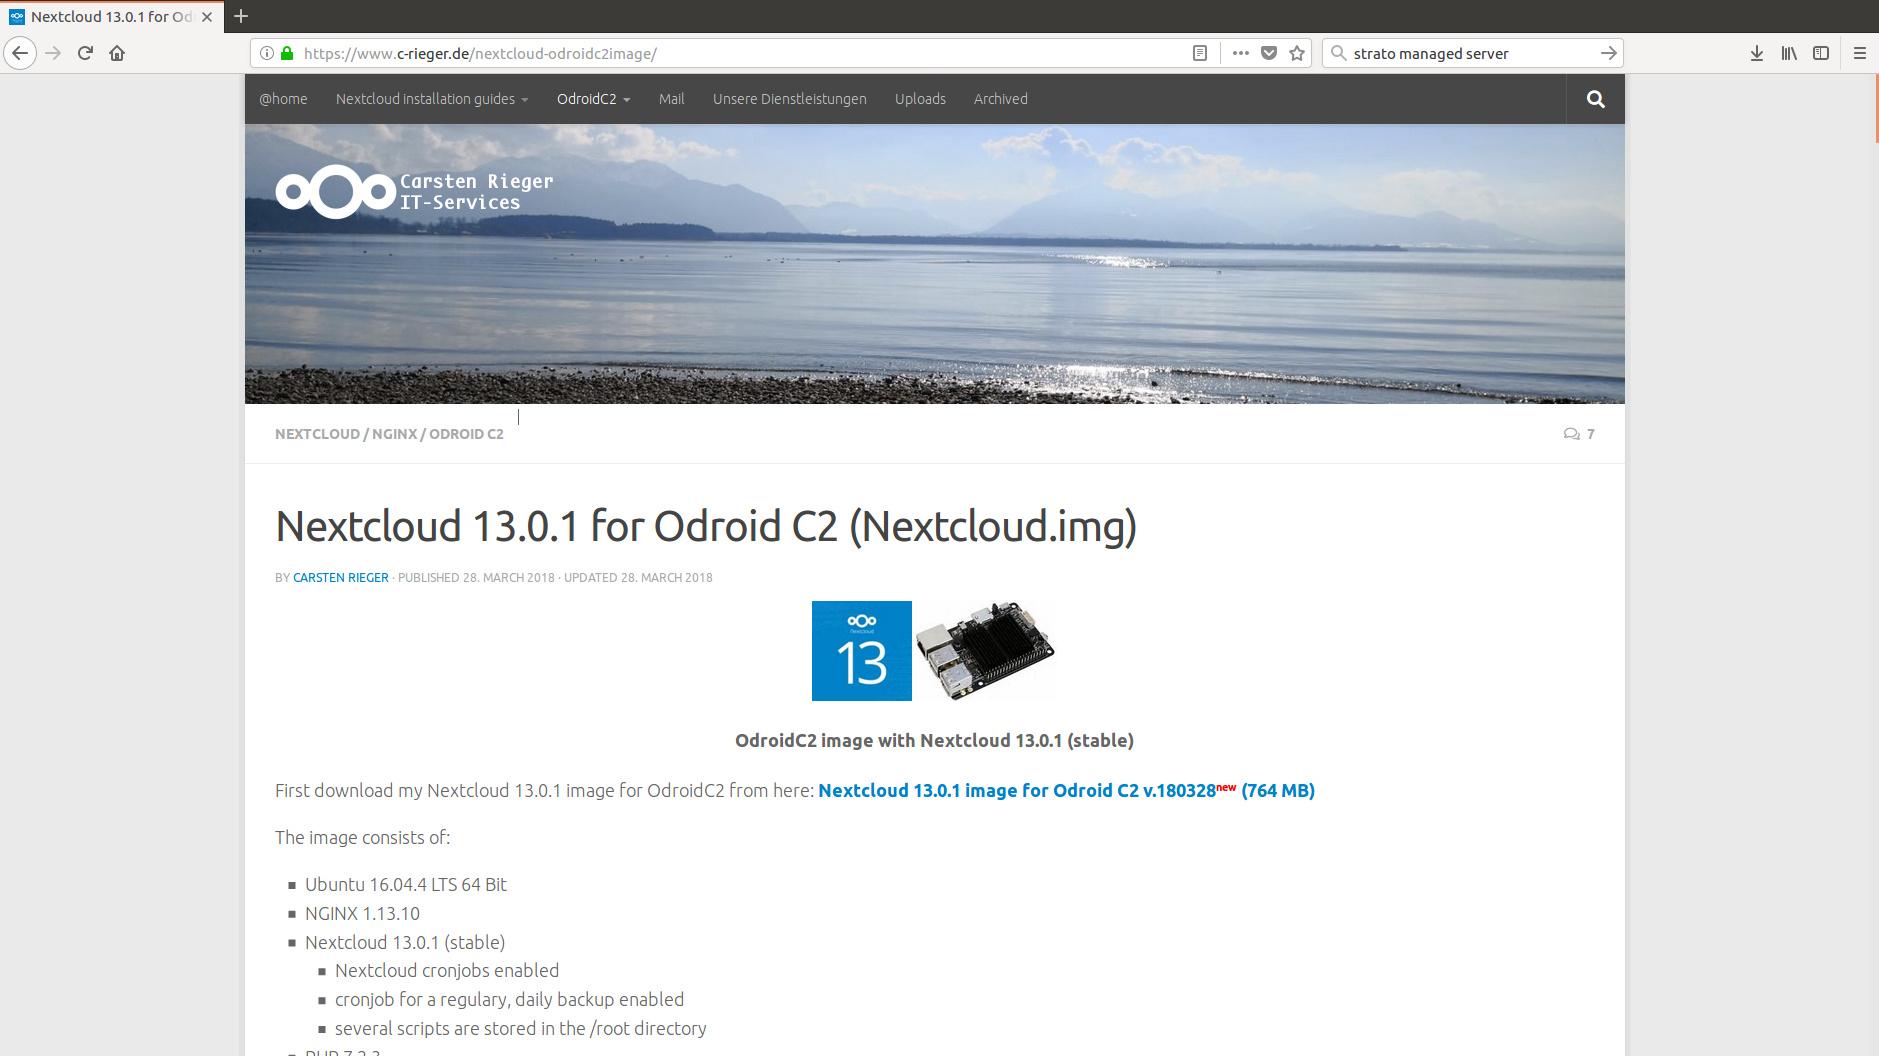 NextcloudOC2 image for Odroid C2 - appliances (Docker